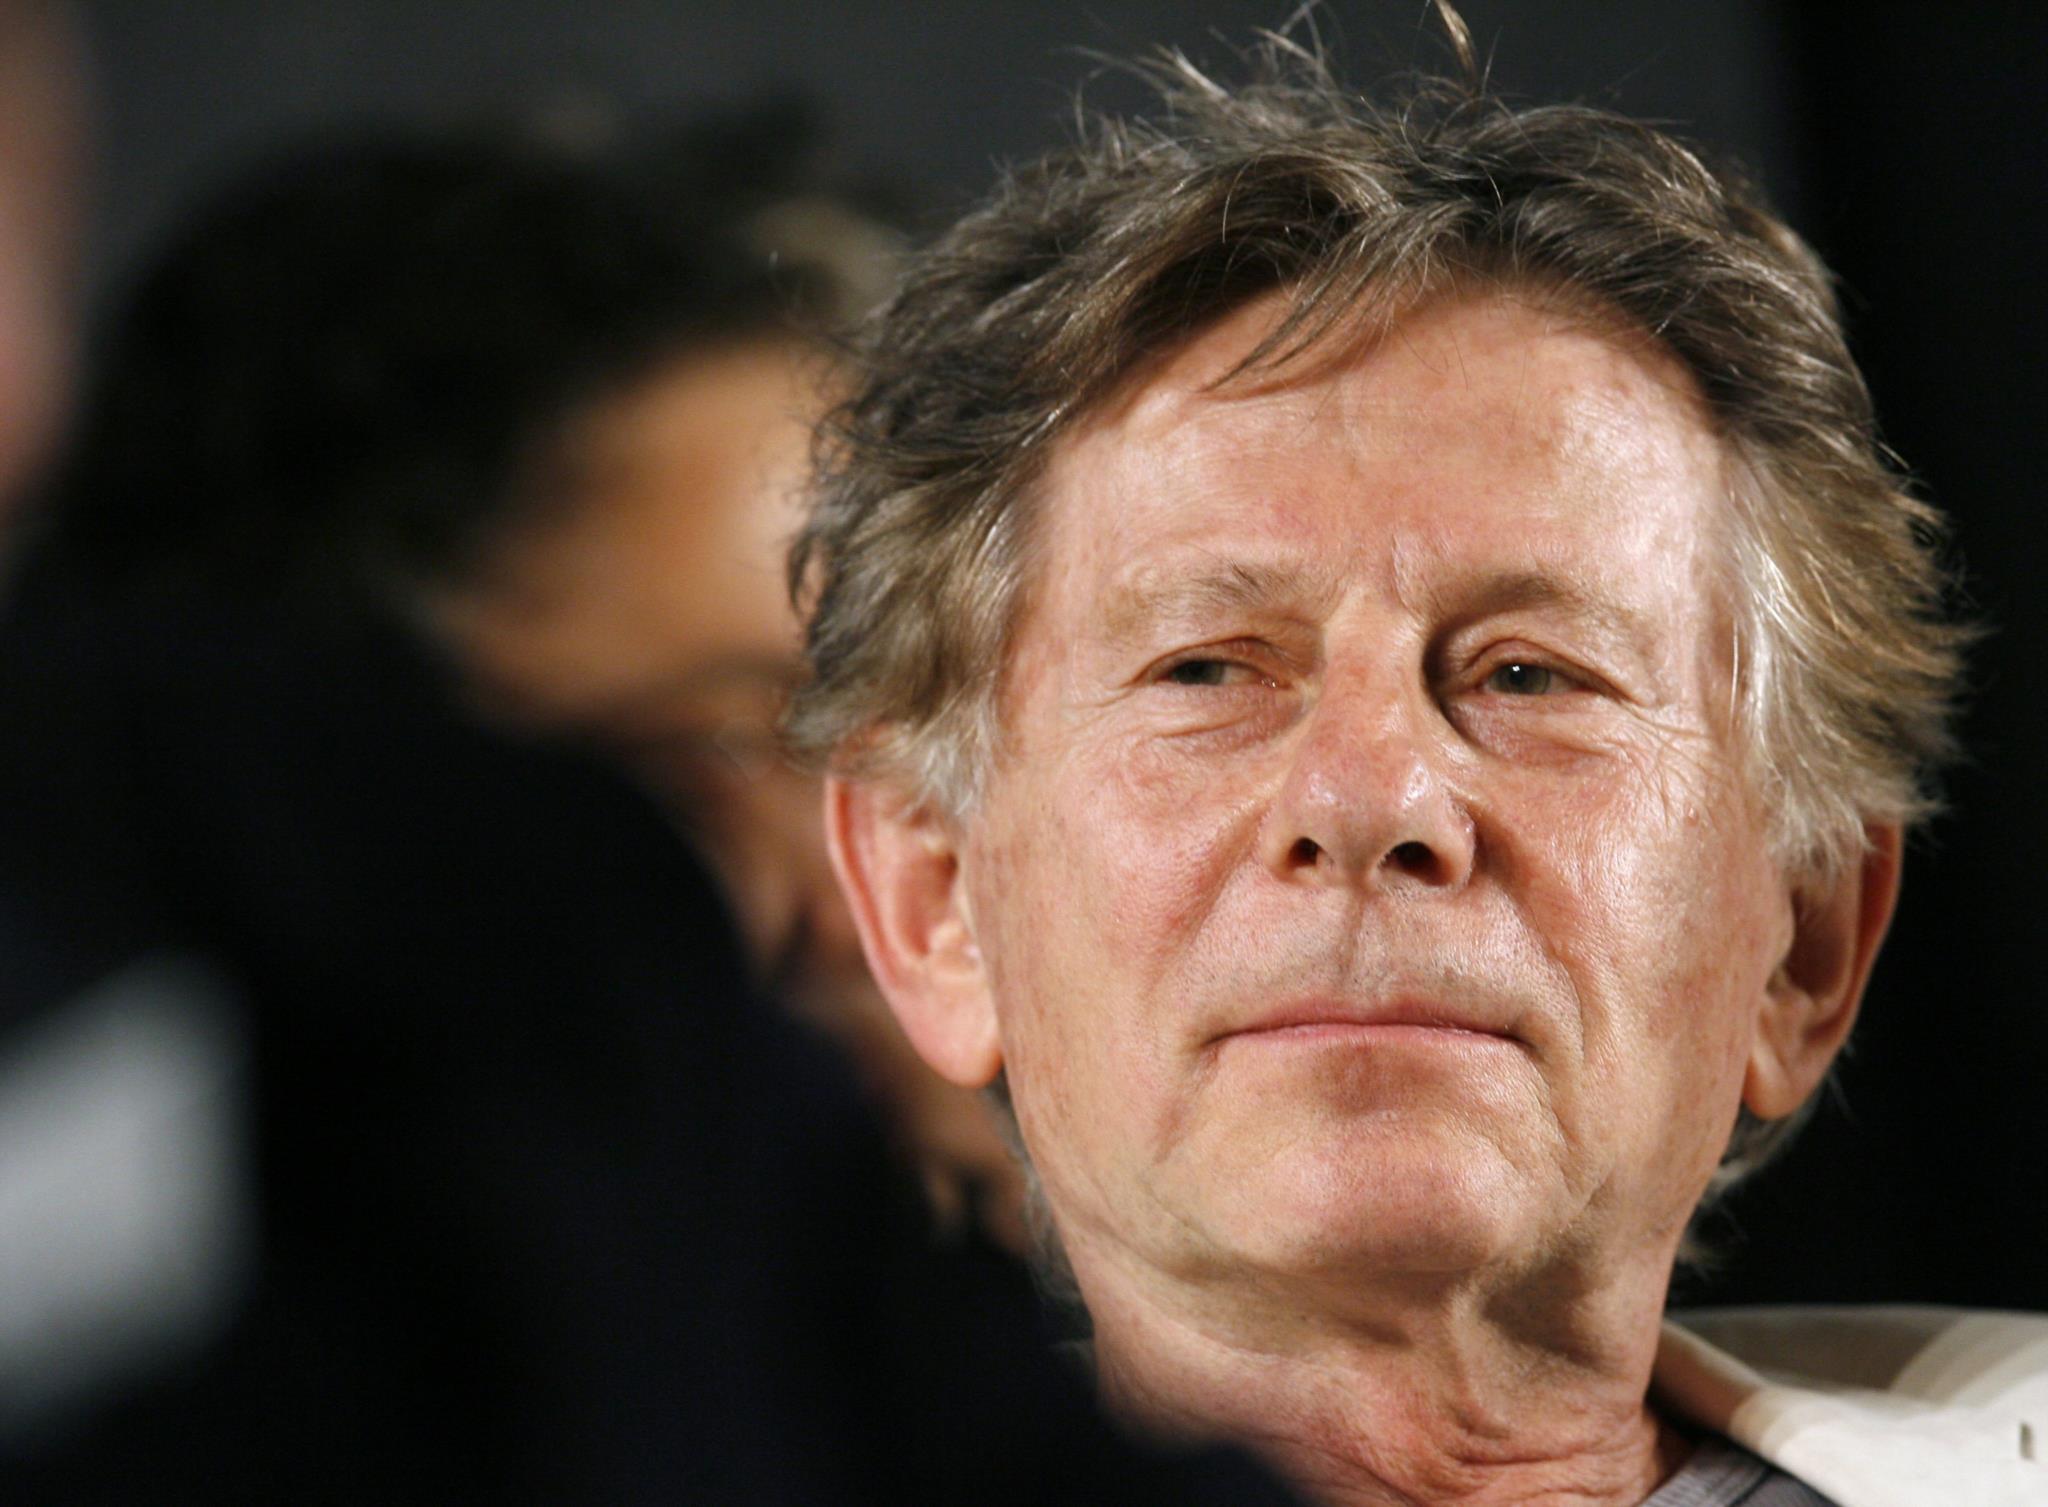 PÚBLICO - Roman Polanski quer voltar aos EUA e fechar o caso de violação de menor